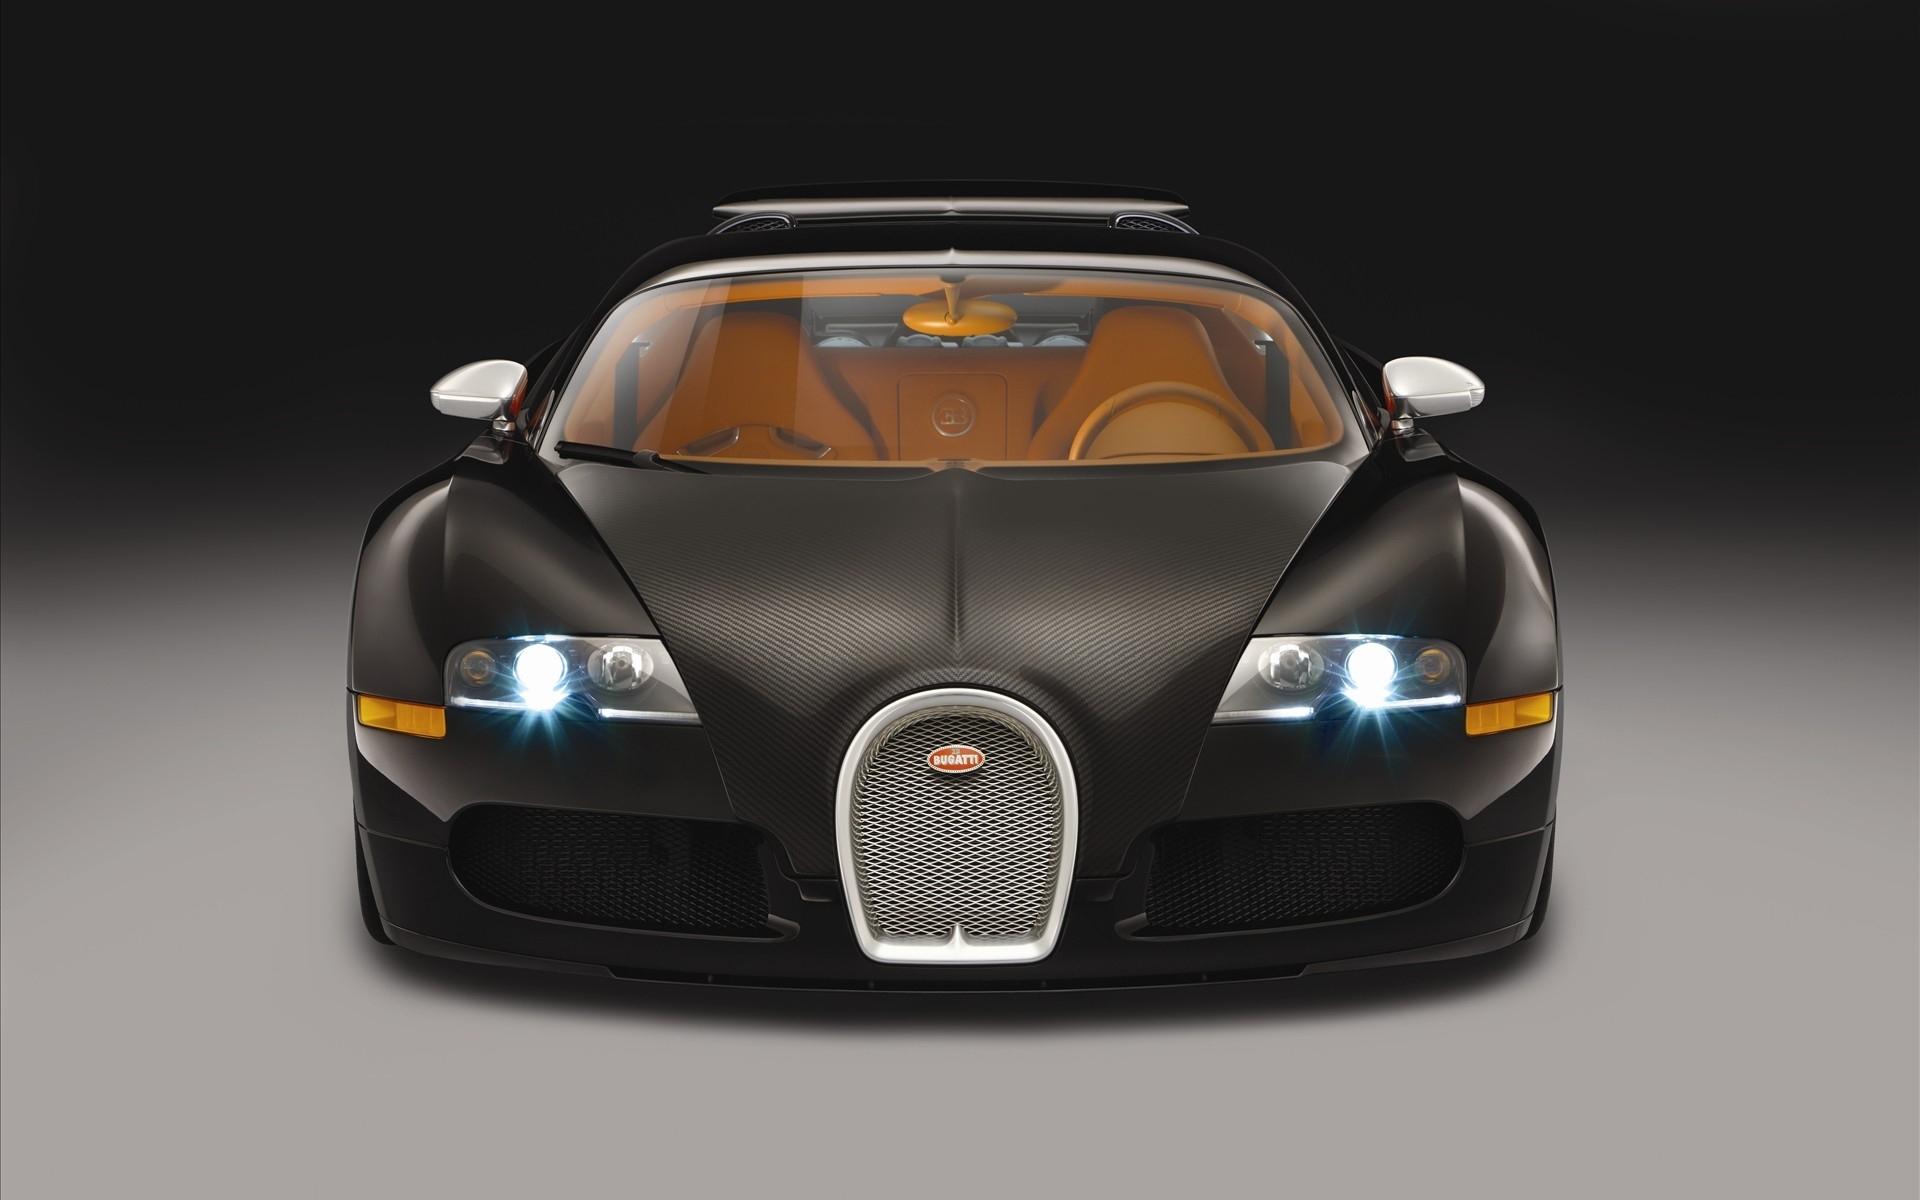 230 обои 2160x3840 на телефон бесплатно, скачать картинки Бугатти (Bugatti), Транспорт, Машины 2160x3840 на мобильный